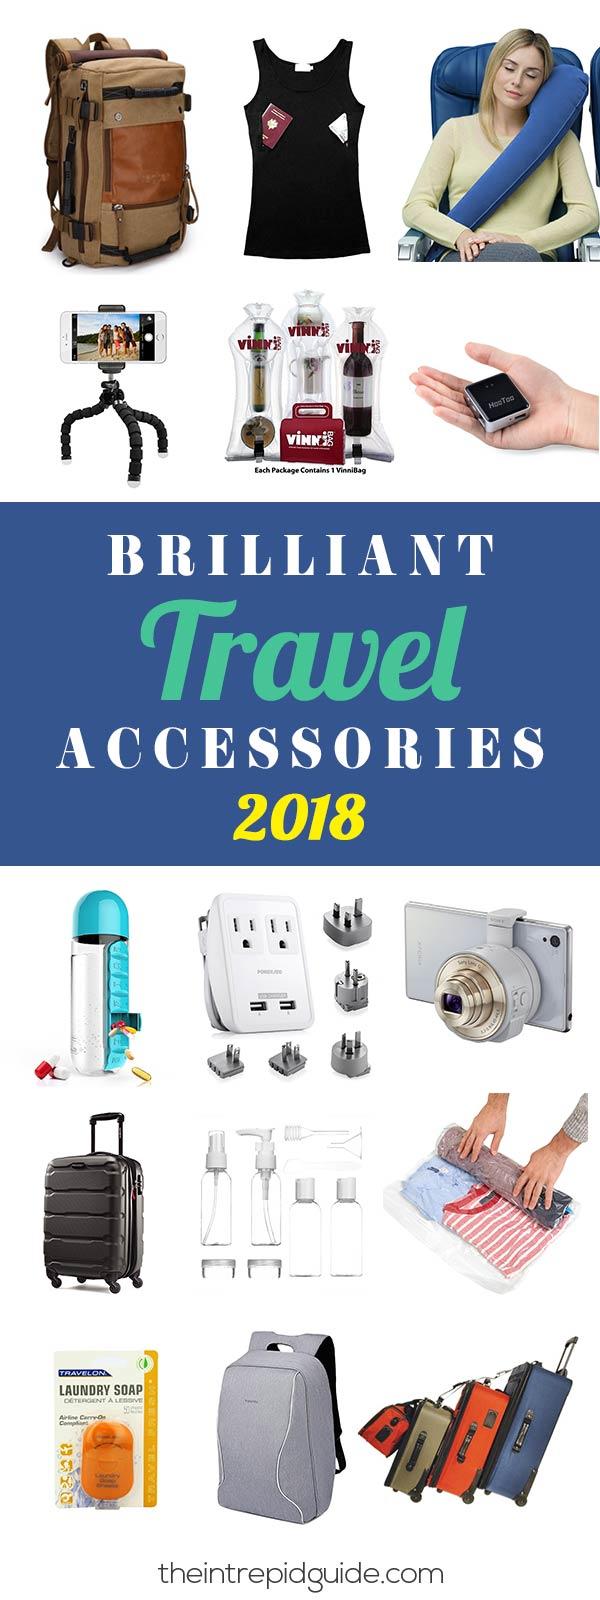 Best Travel Accessories 2018